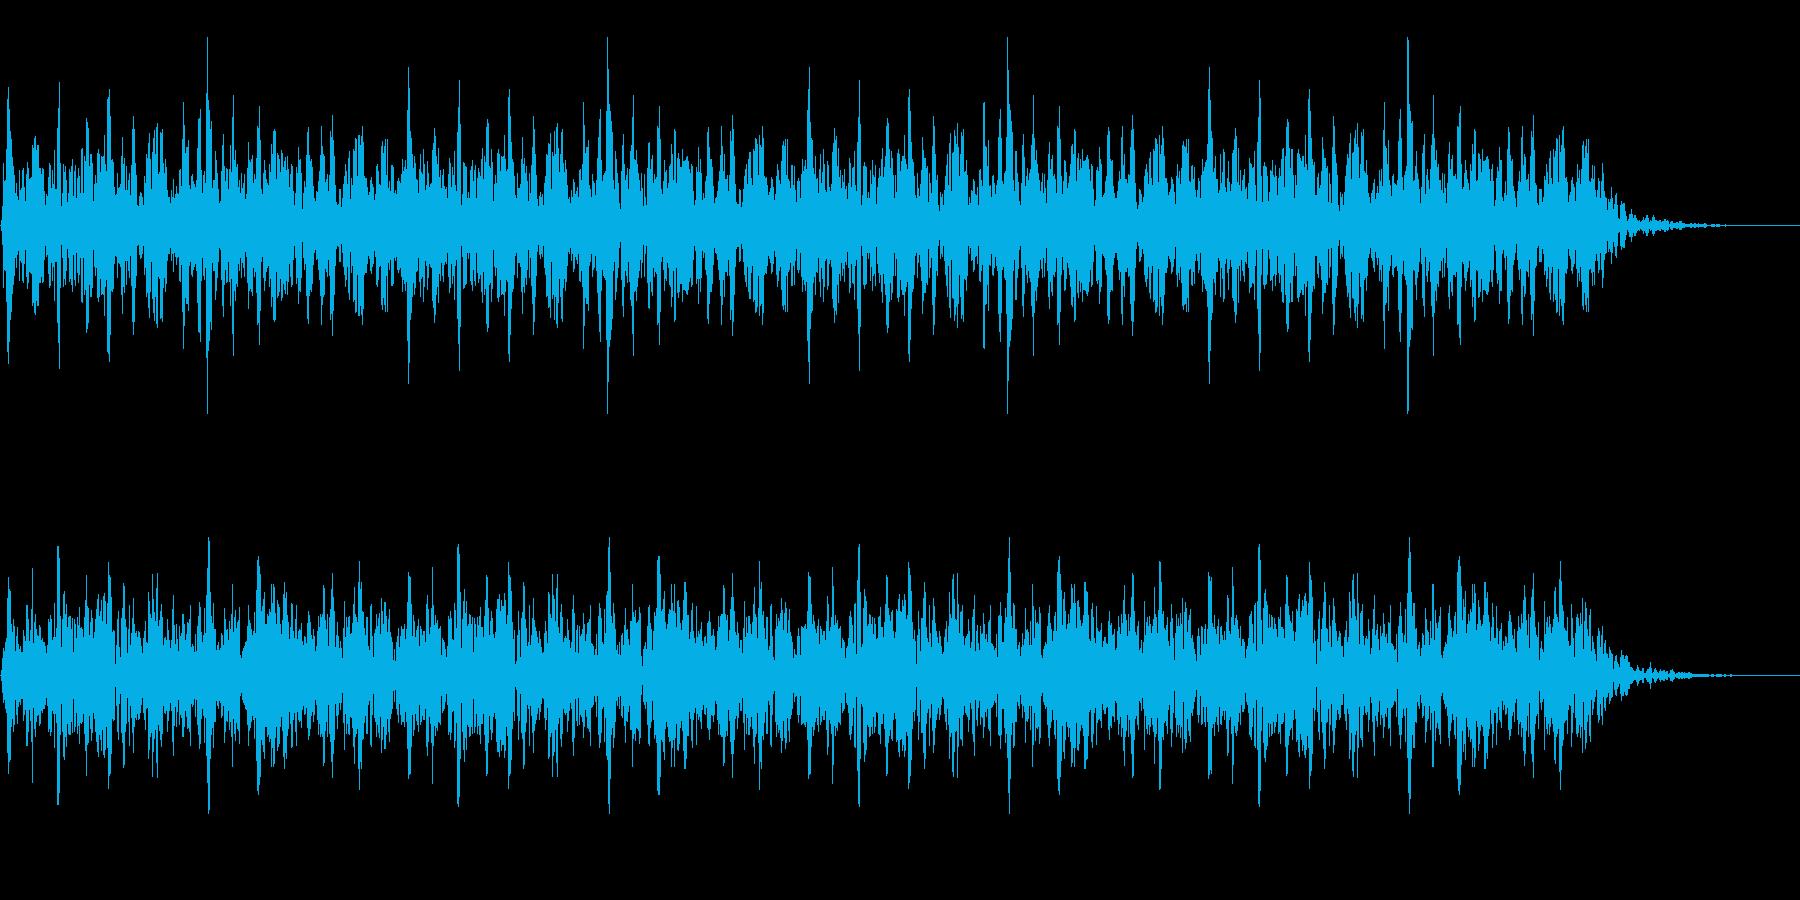 太鼓 躍動的 迫力 効果音 パターン#6の再生済みの波形